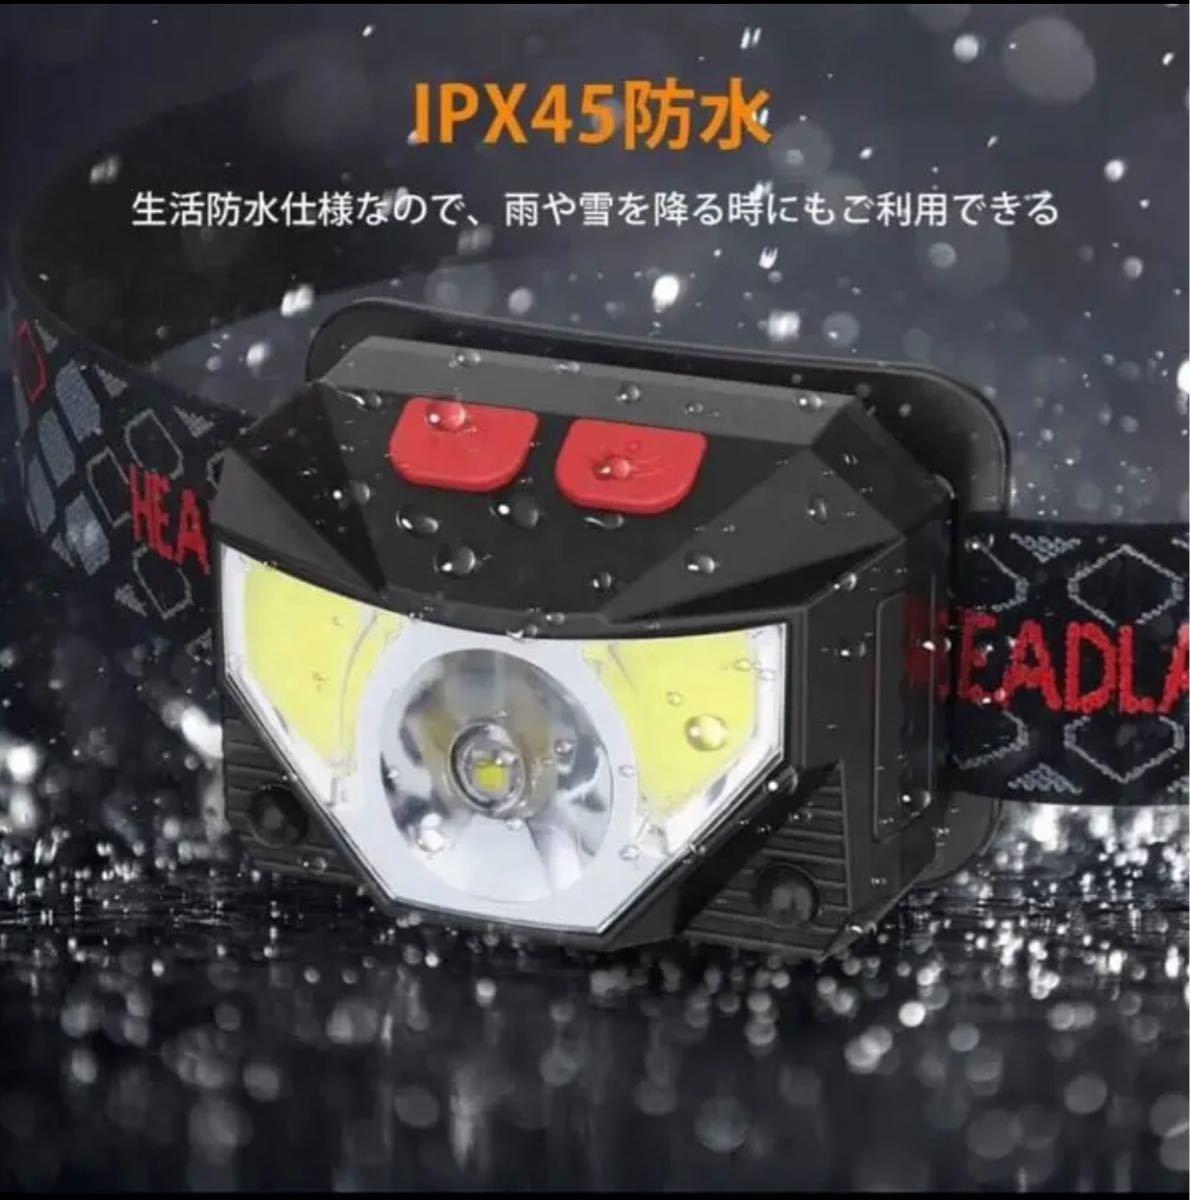 LED ヘッドライト USB充電式 釣り キャンプ アウトドア